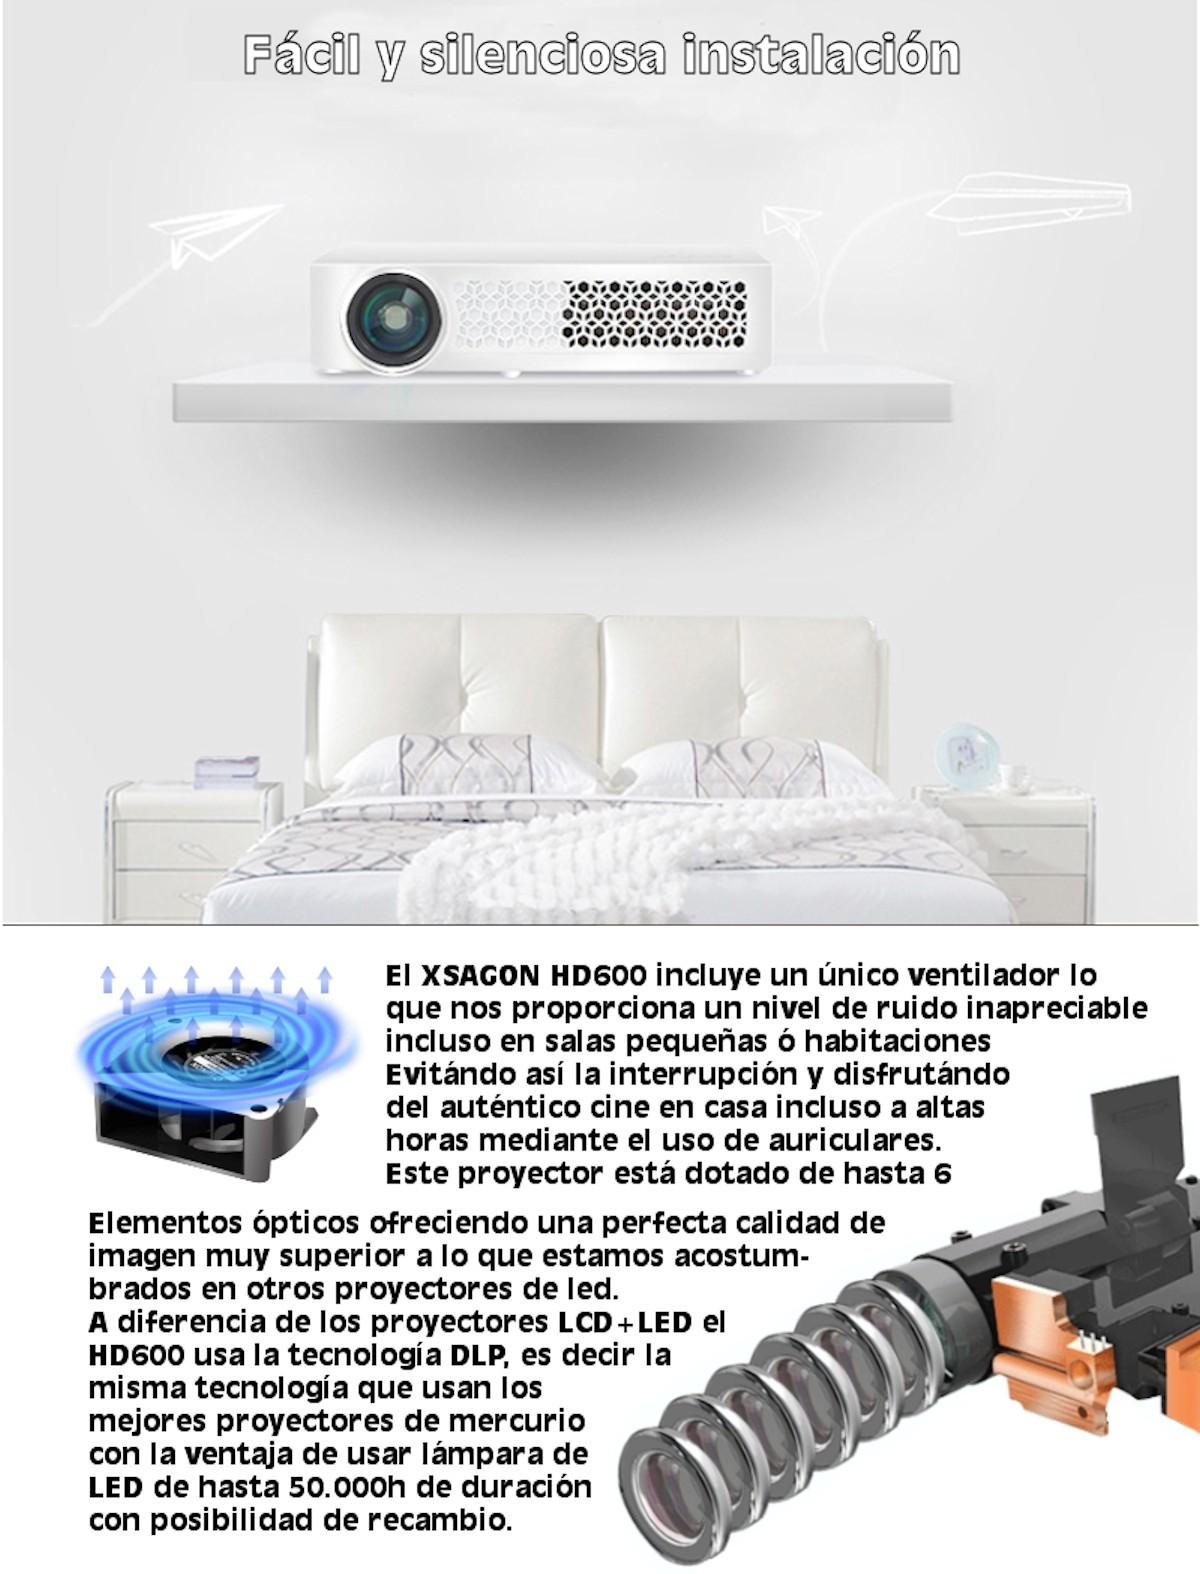 el xsagon hd600 incluye un unico ventilador lo que nos proporciona un nivel de ruido inapreciable incluyo en salas pequeñas y habitaciones. Evitando asi la interrupcion y disfrutando del autentico cine en casa incluso a altas horas mediante el uso de auriculares.